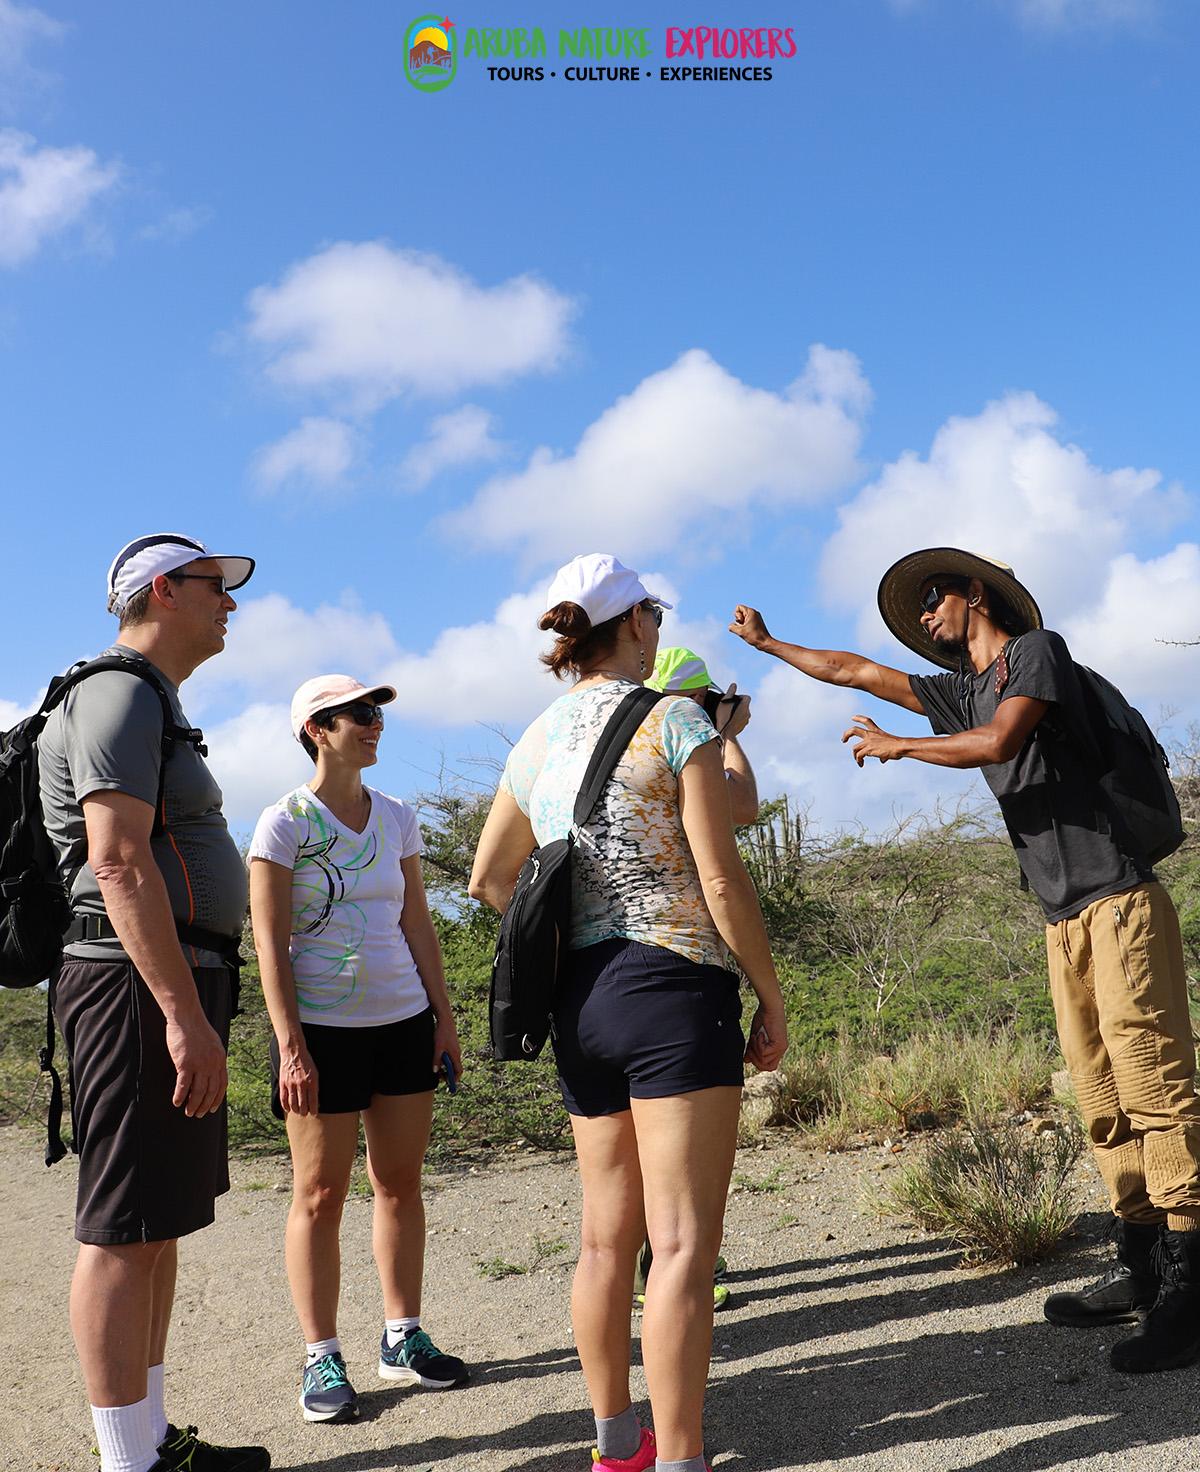 Hiking tour aruba nature explorers